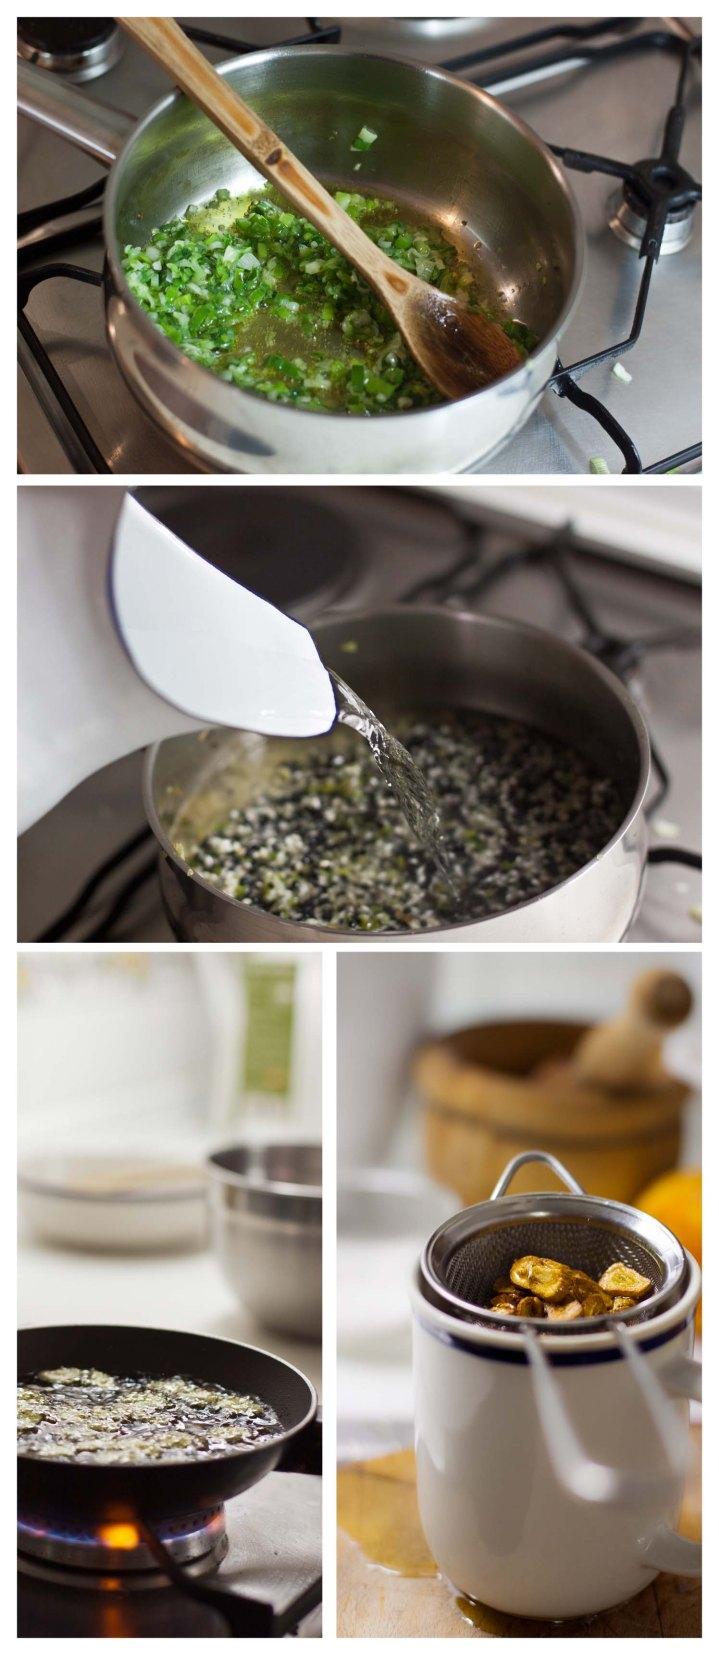 añadir las lentejas, el arroz y el resto de ingredientes